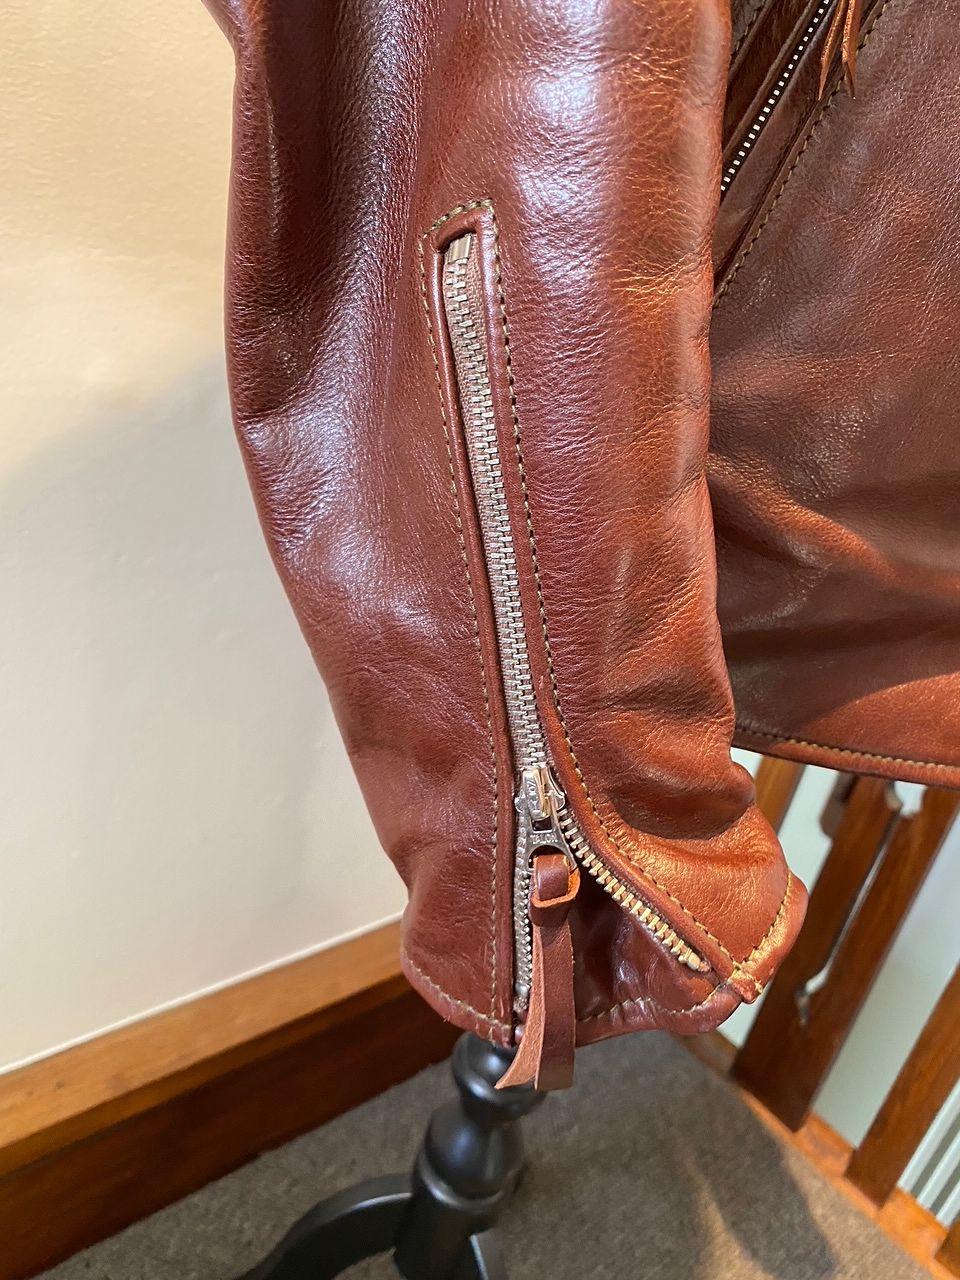 Jacket_sleeve_detail.jpg